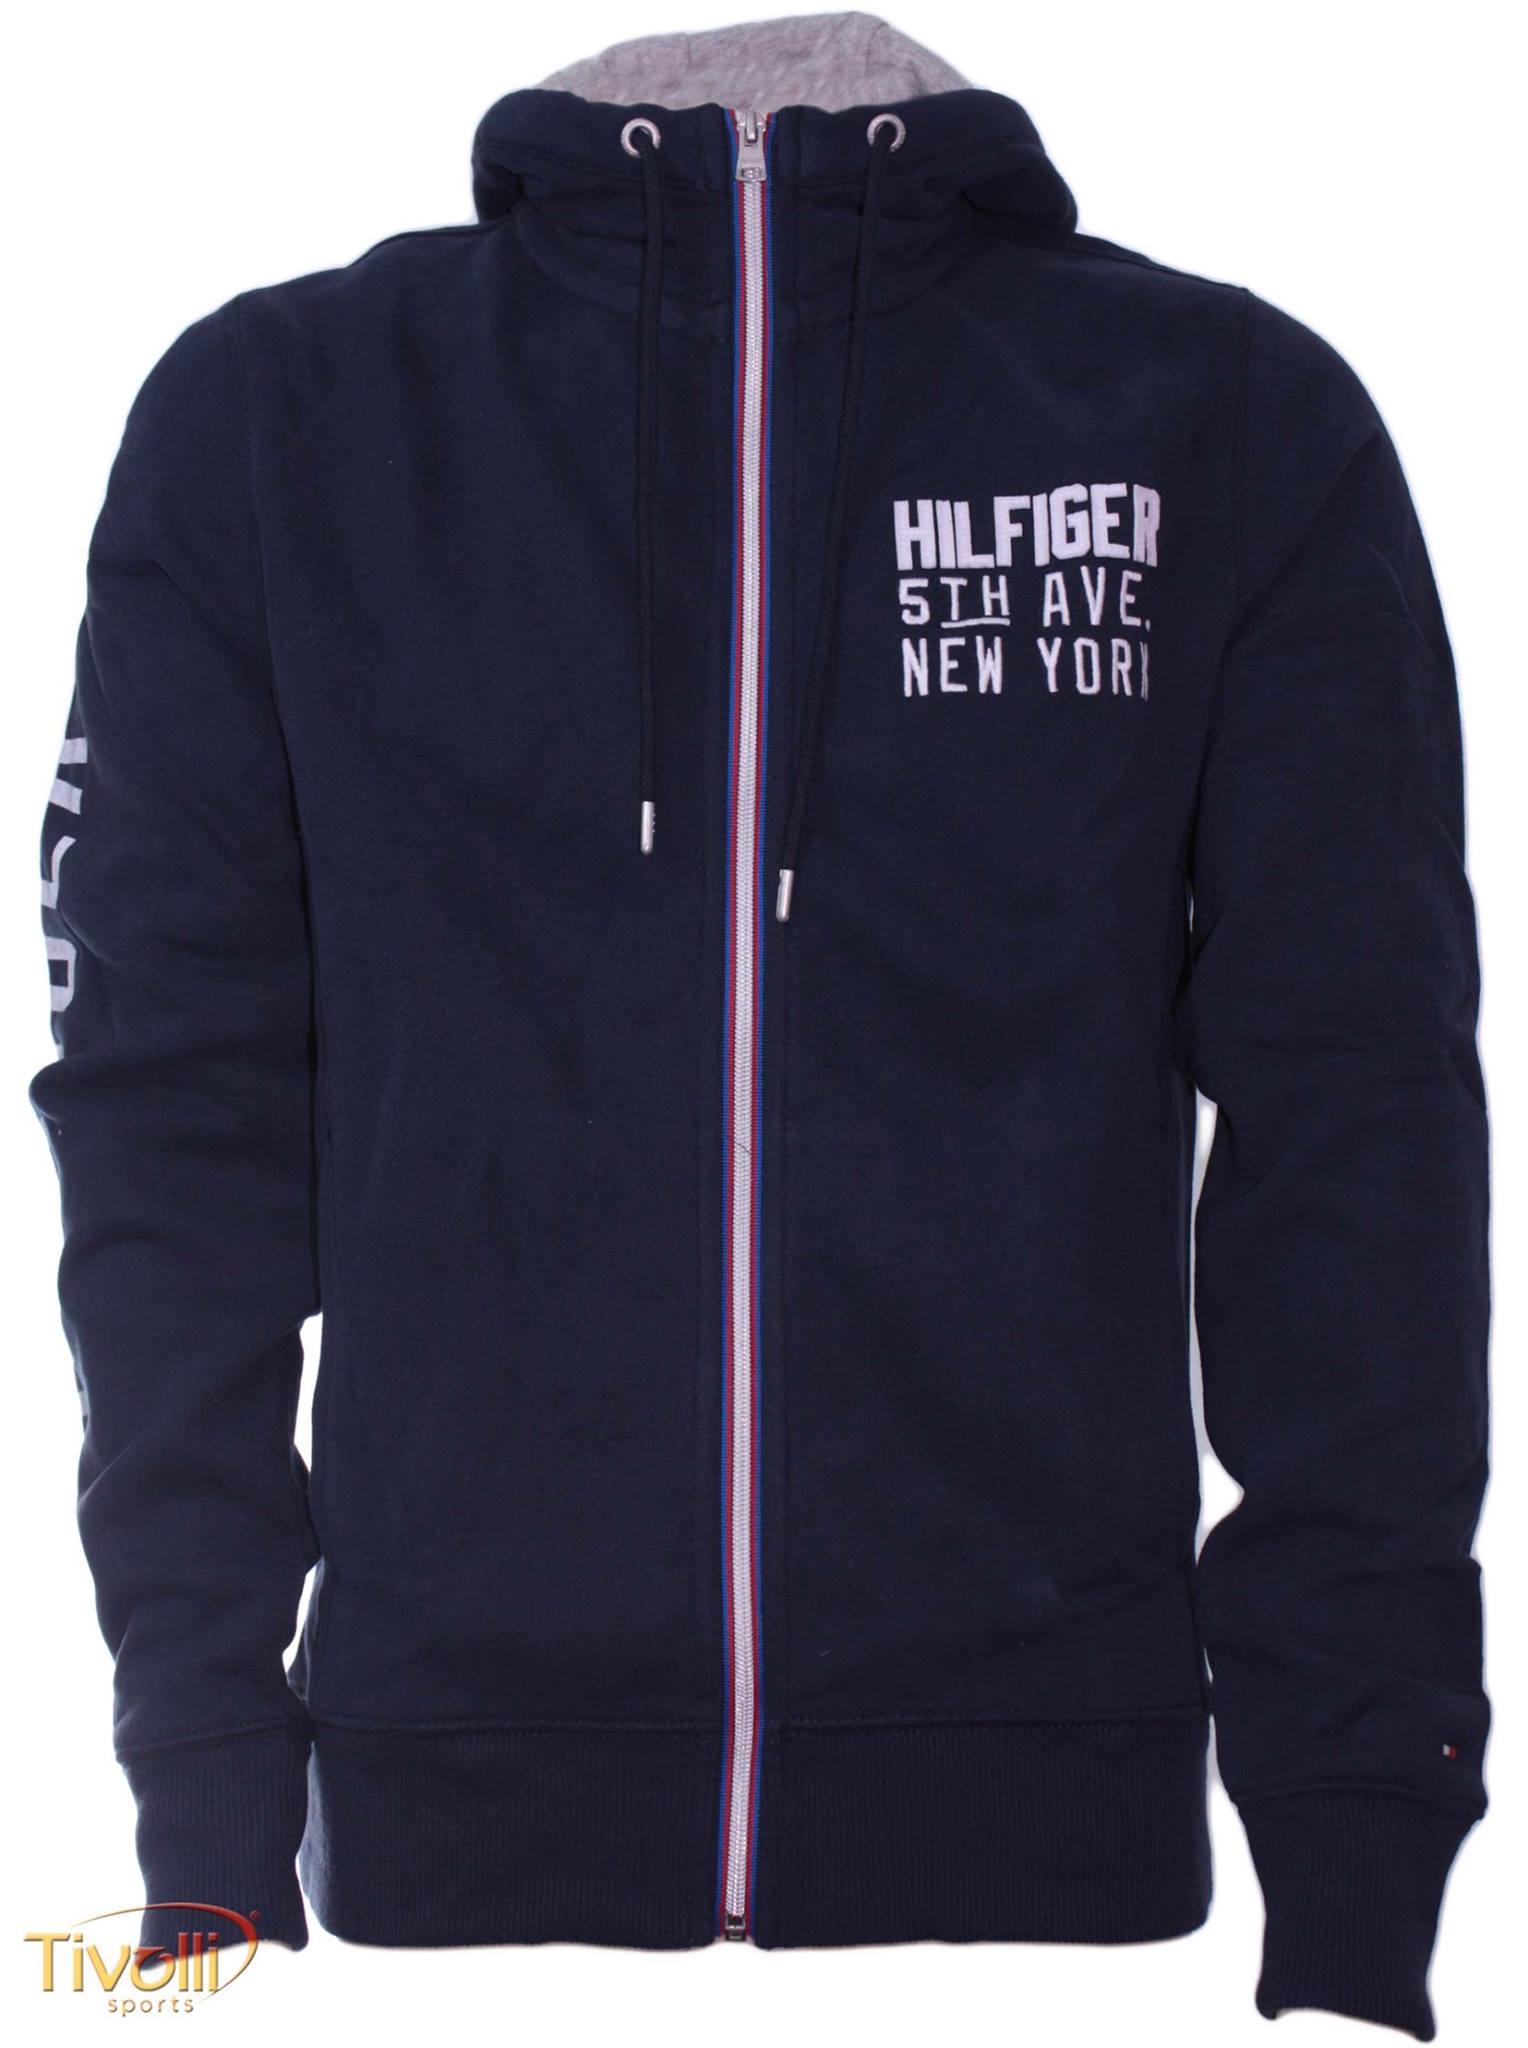 fcd572bd87 Blusa de Moletom Tommy Hilfiger. Masculina com ziper e capuz azul marinho